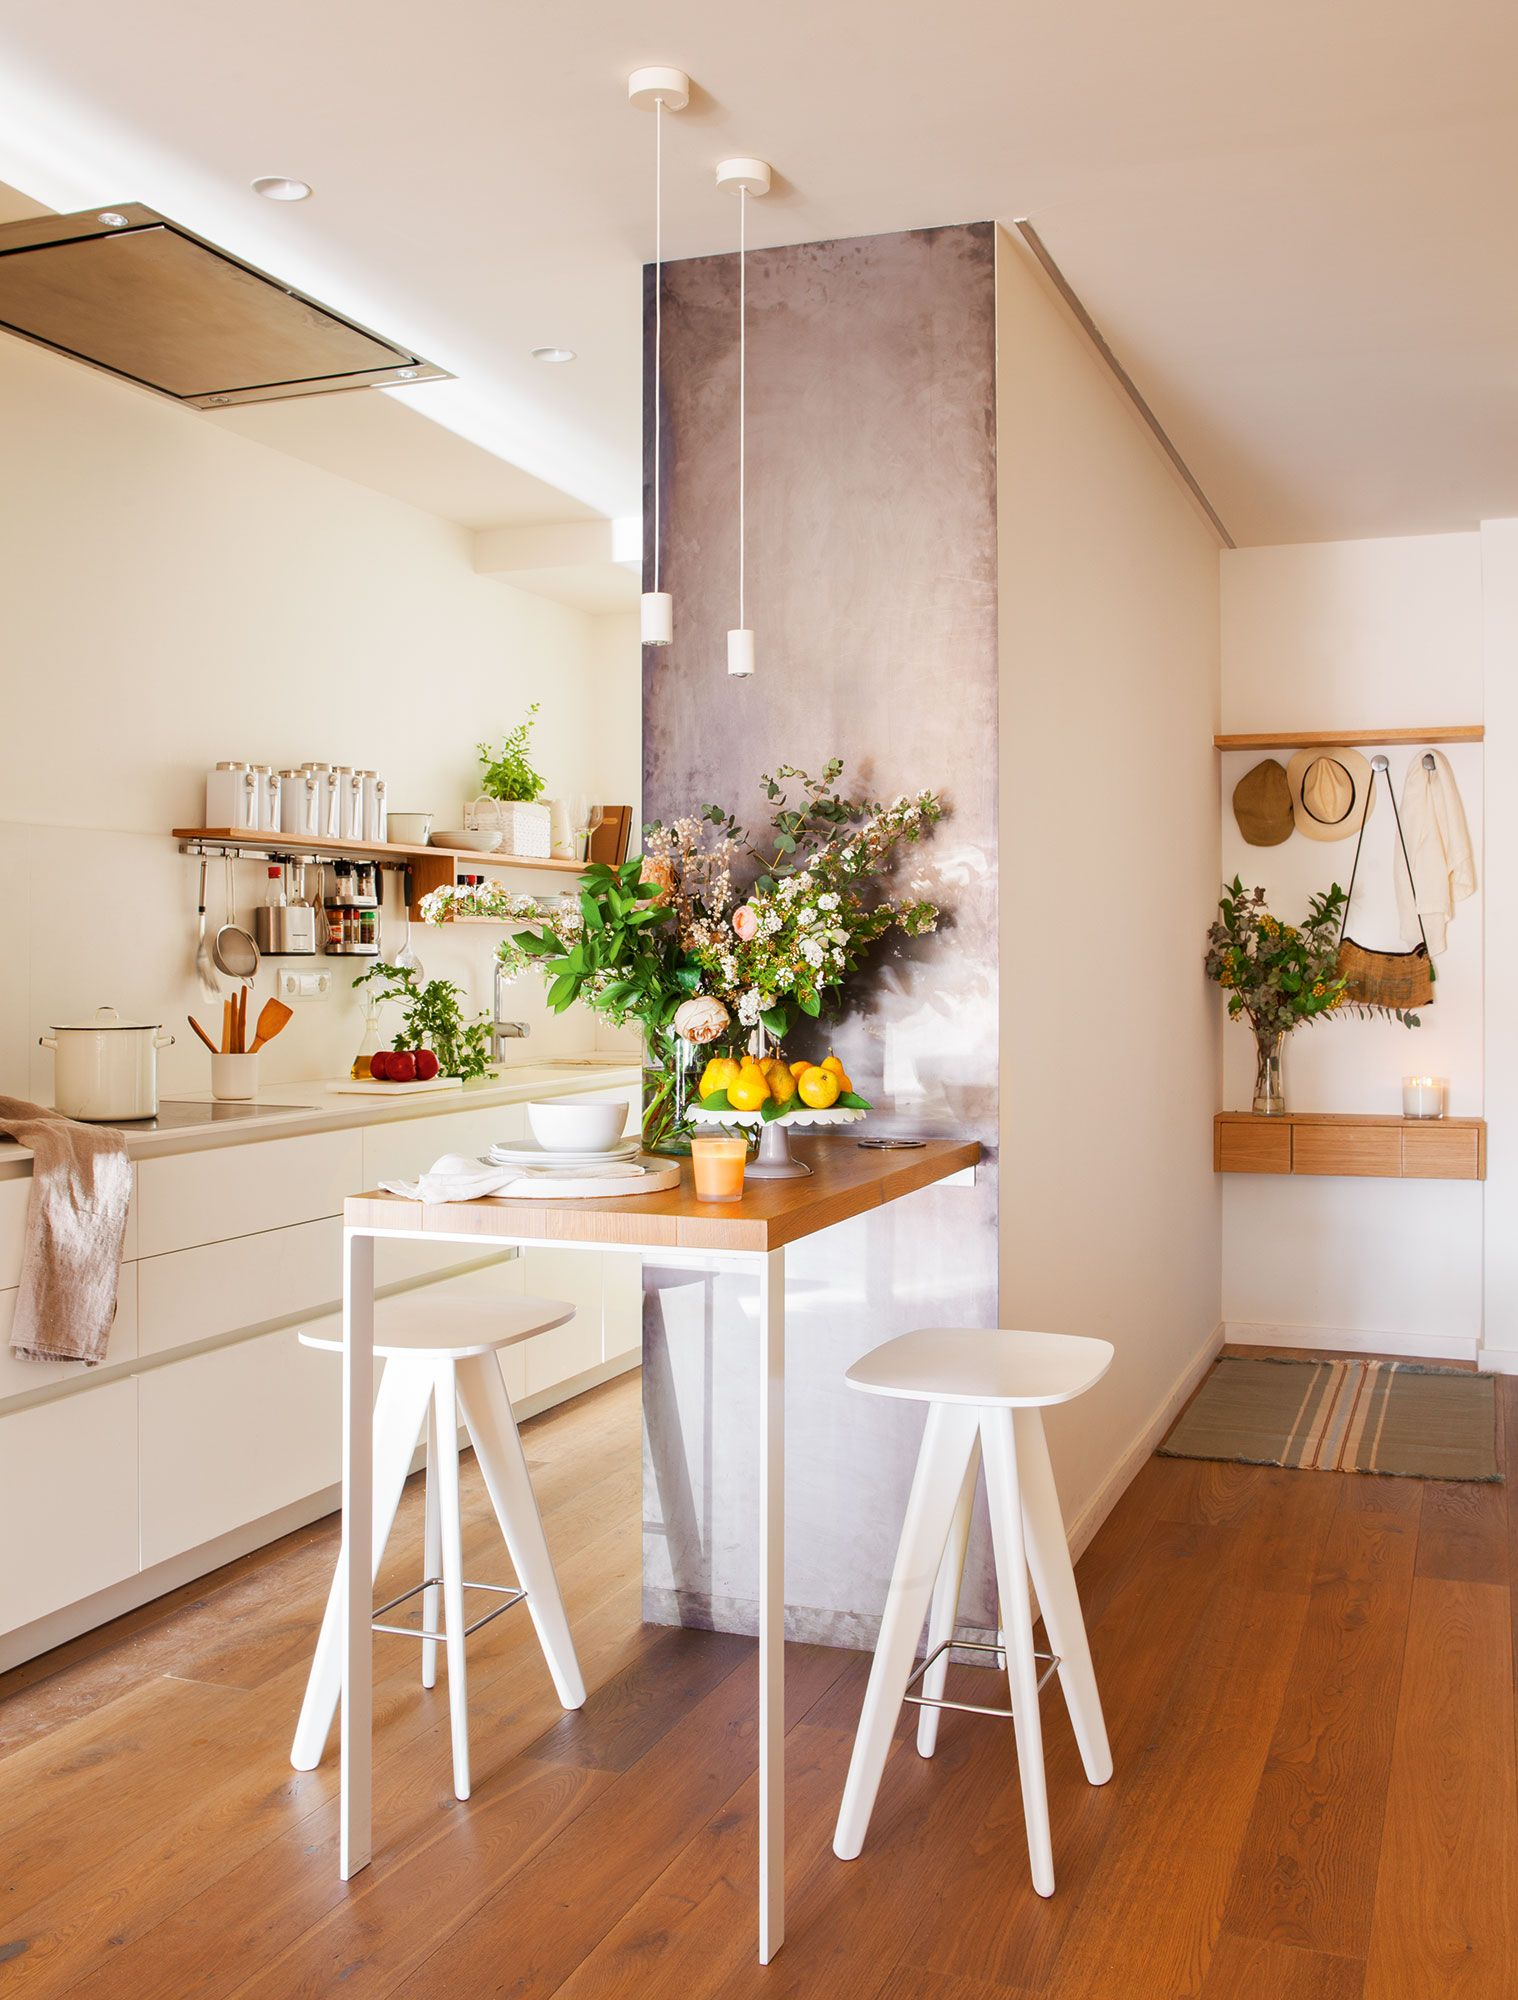 La cocina muebles de cesar en vivestudio barra dise o - Campana de cocina ...